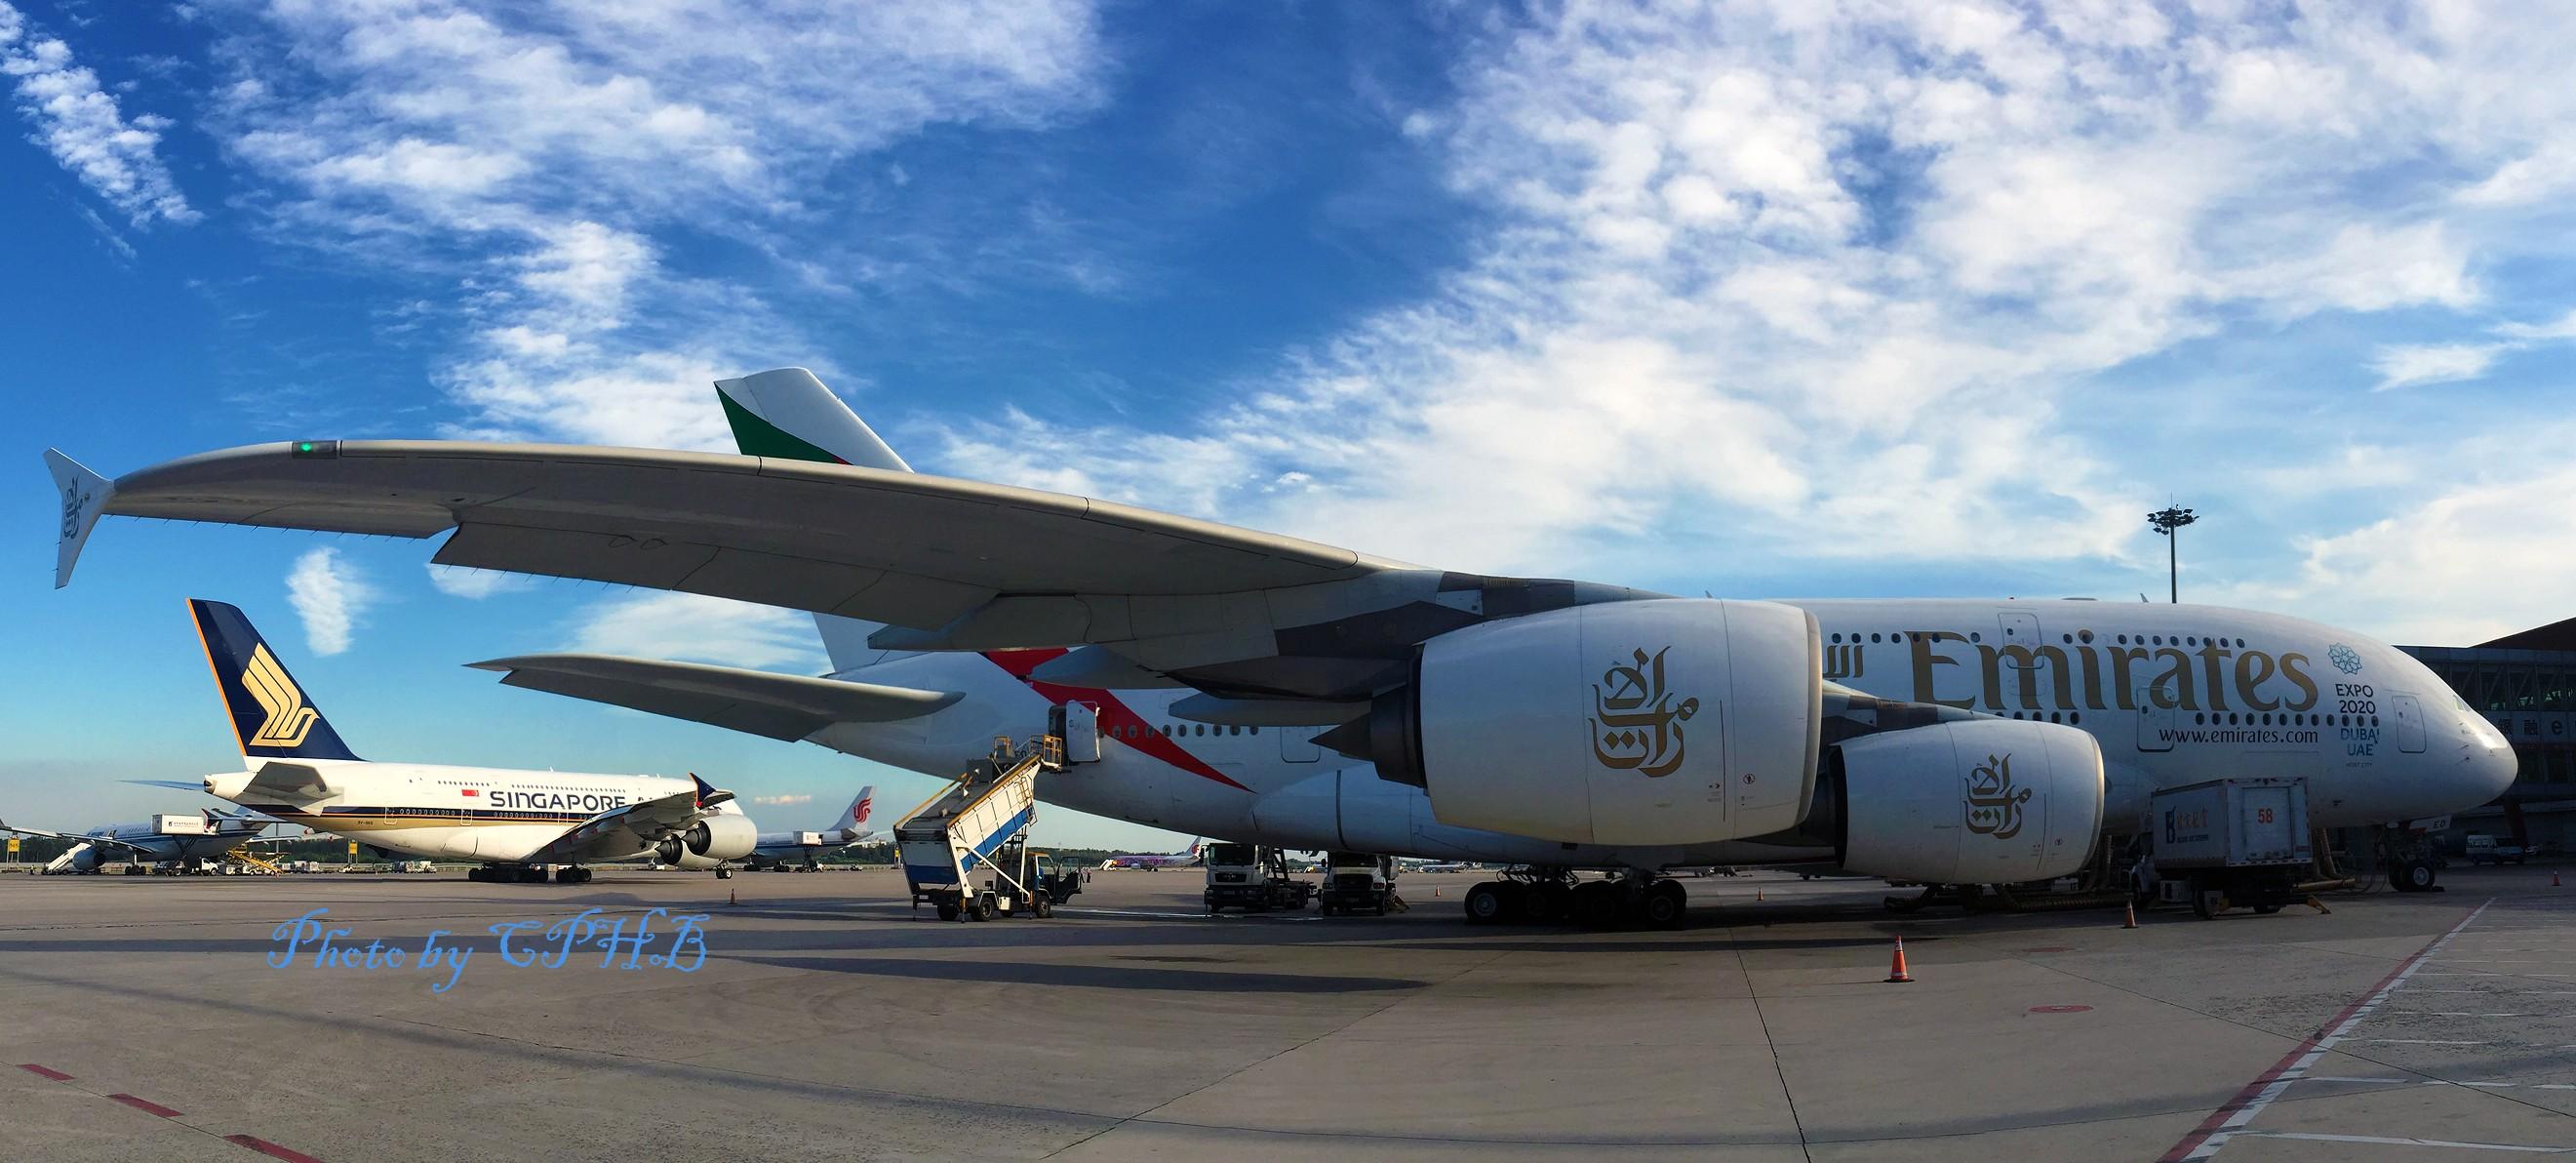 [原创]北京天儿好的时候从来没拿过相机! 我是一图党 哈哈 AIRBUS A380-800 A6EED 中国北京首都国际机场